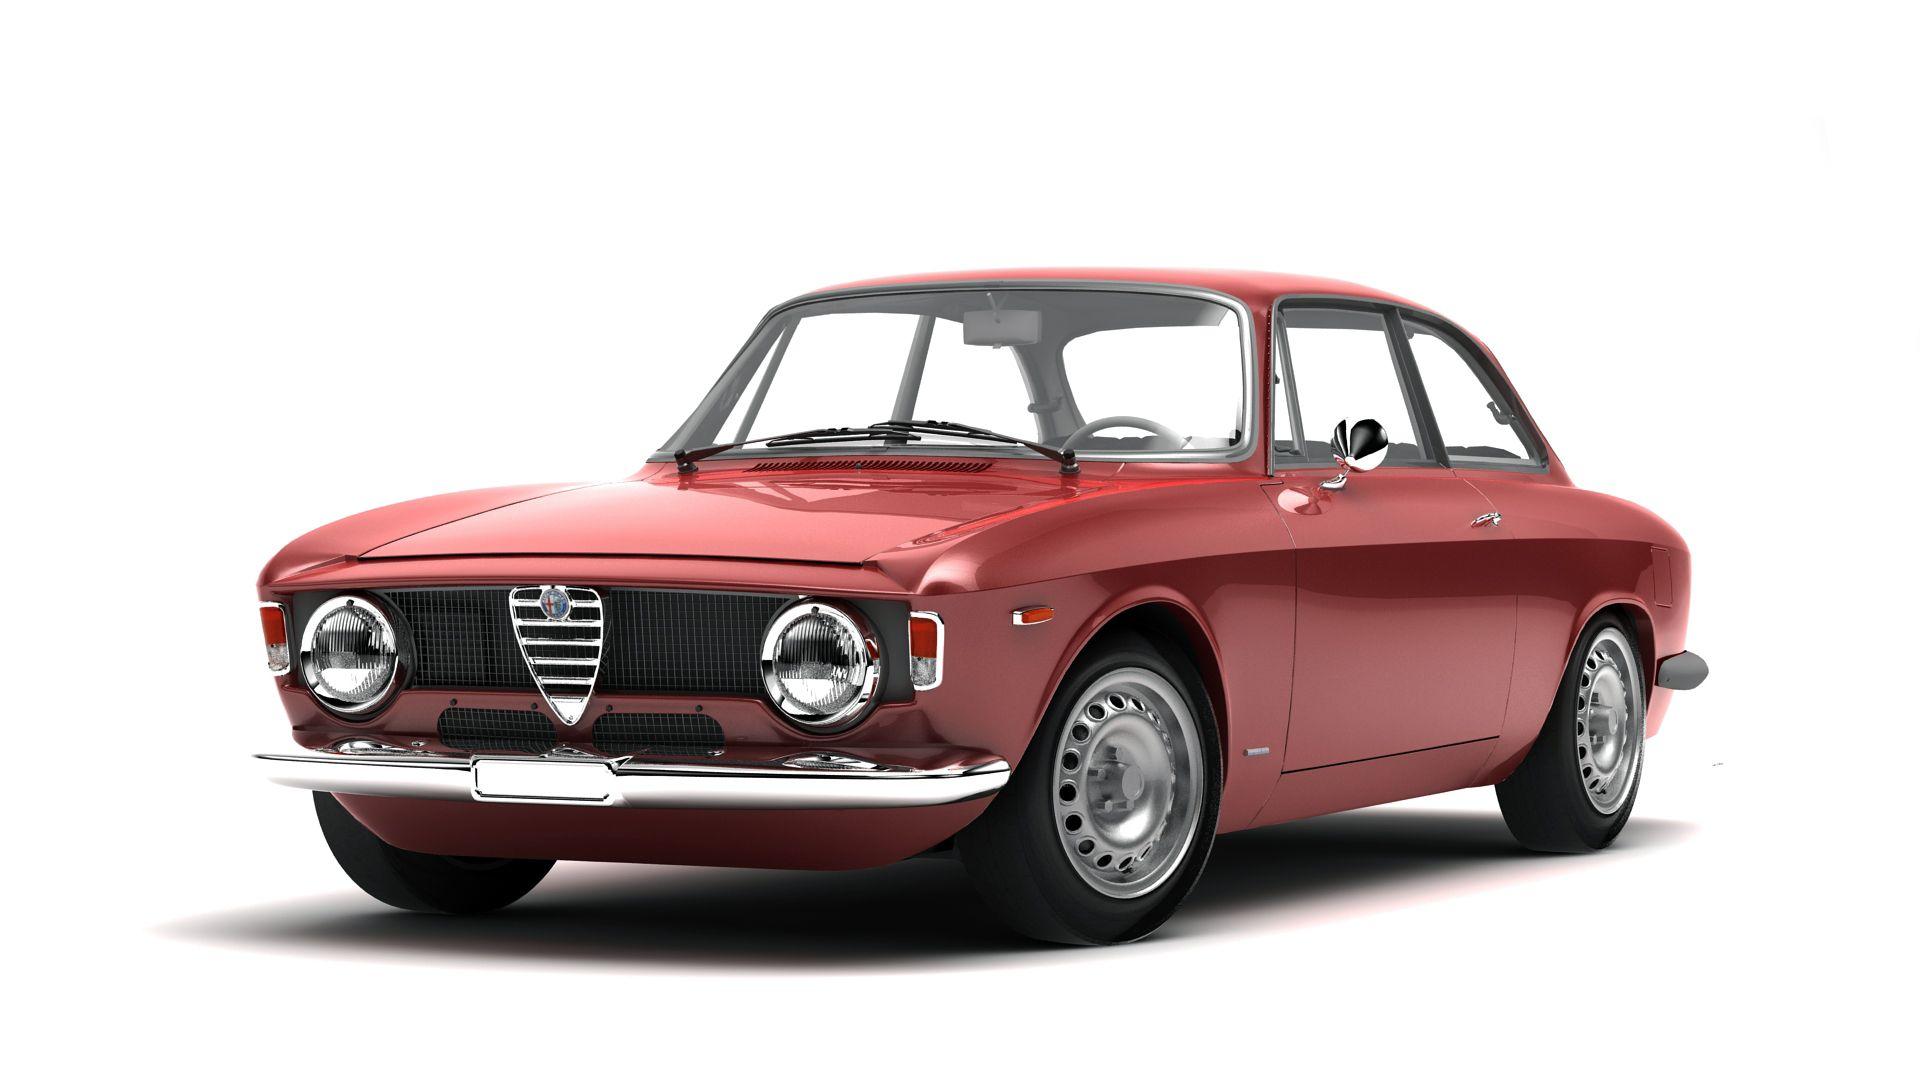 Alfa Gta 65 3d Model Flatpyramid Alfa Romeo Gta Alfa Gta Alfa Romeo